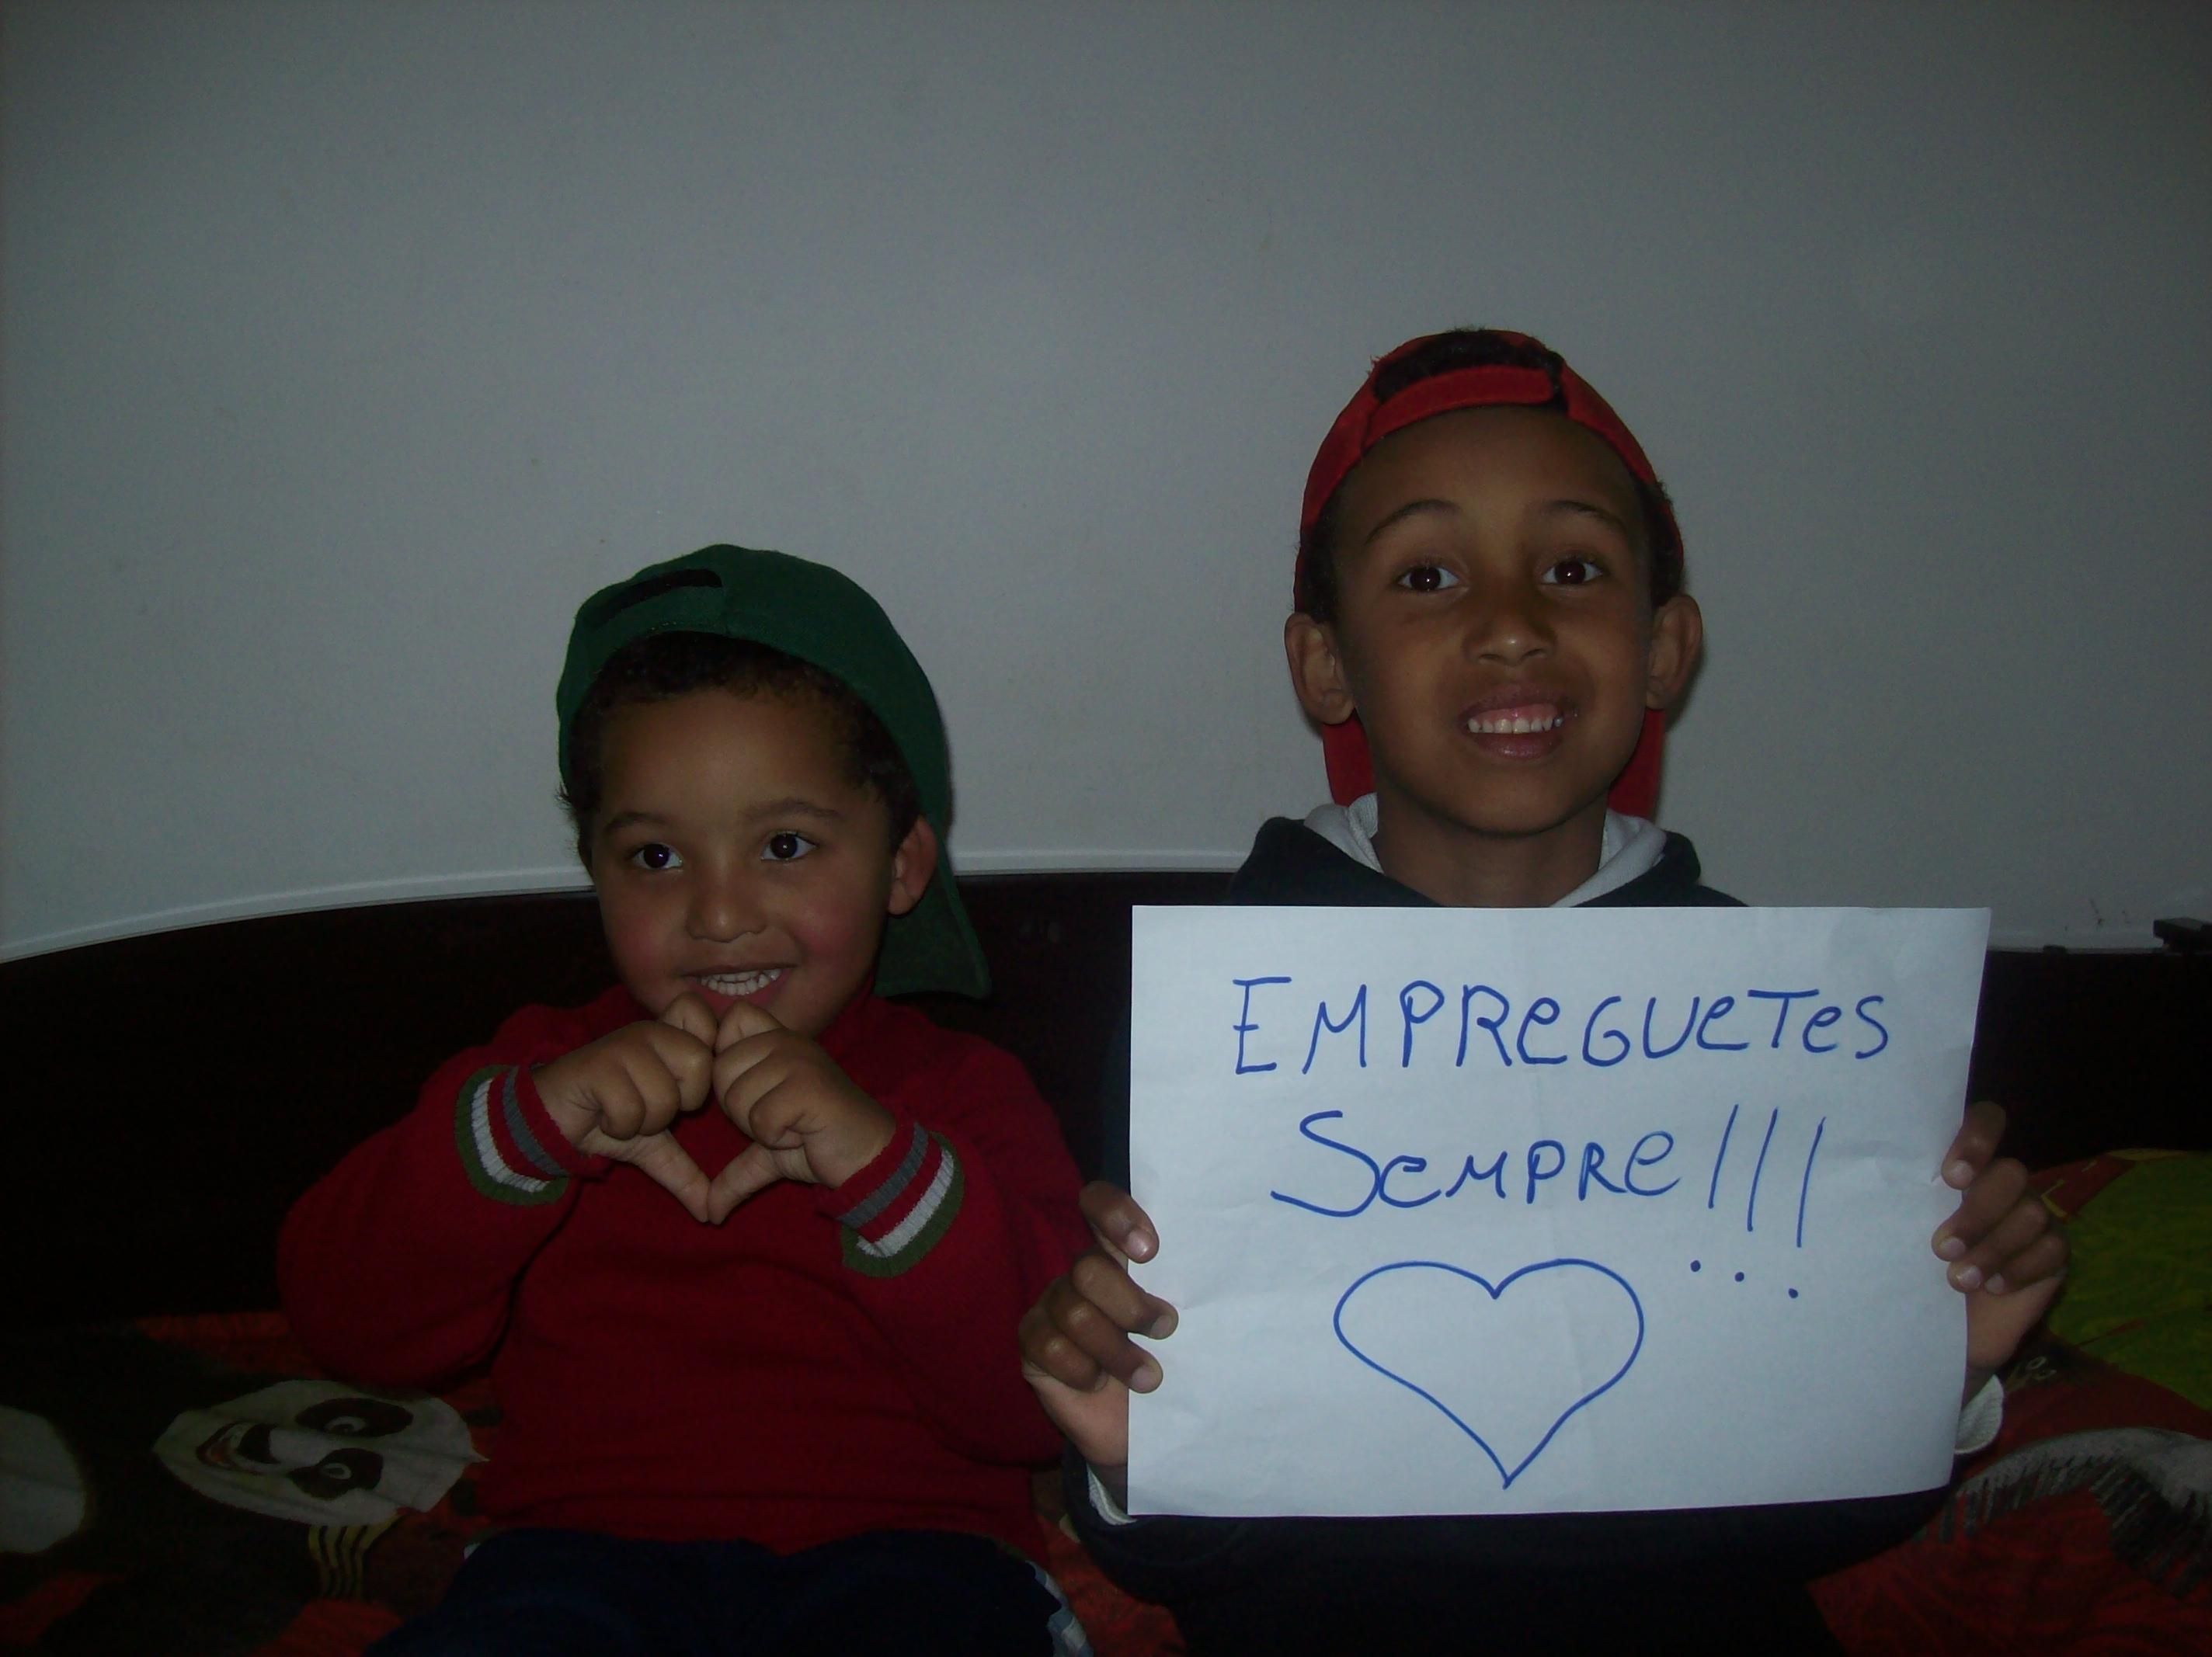 A Rejane Catiussa Rodrigues mandou uma foto da molecada que dá força para as Empreguetes